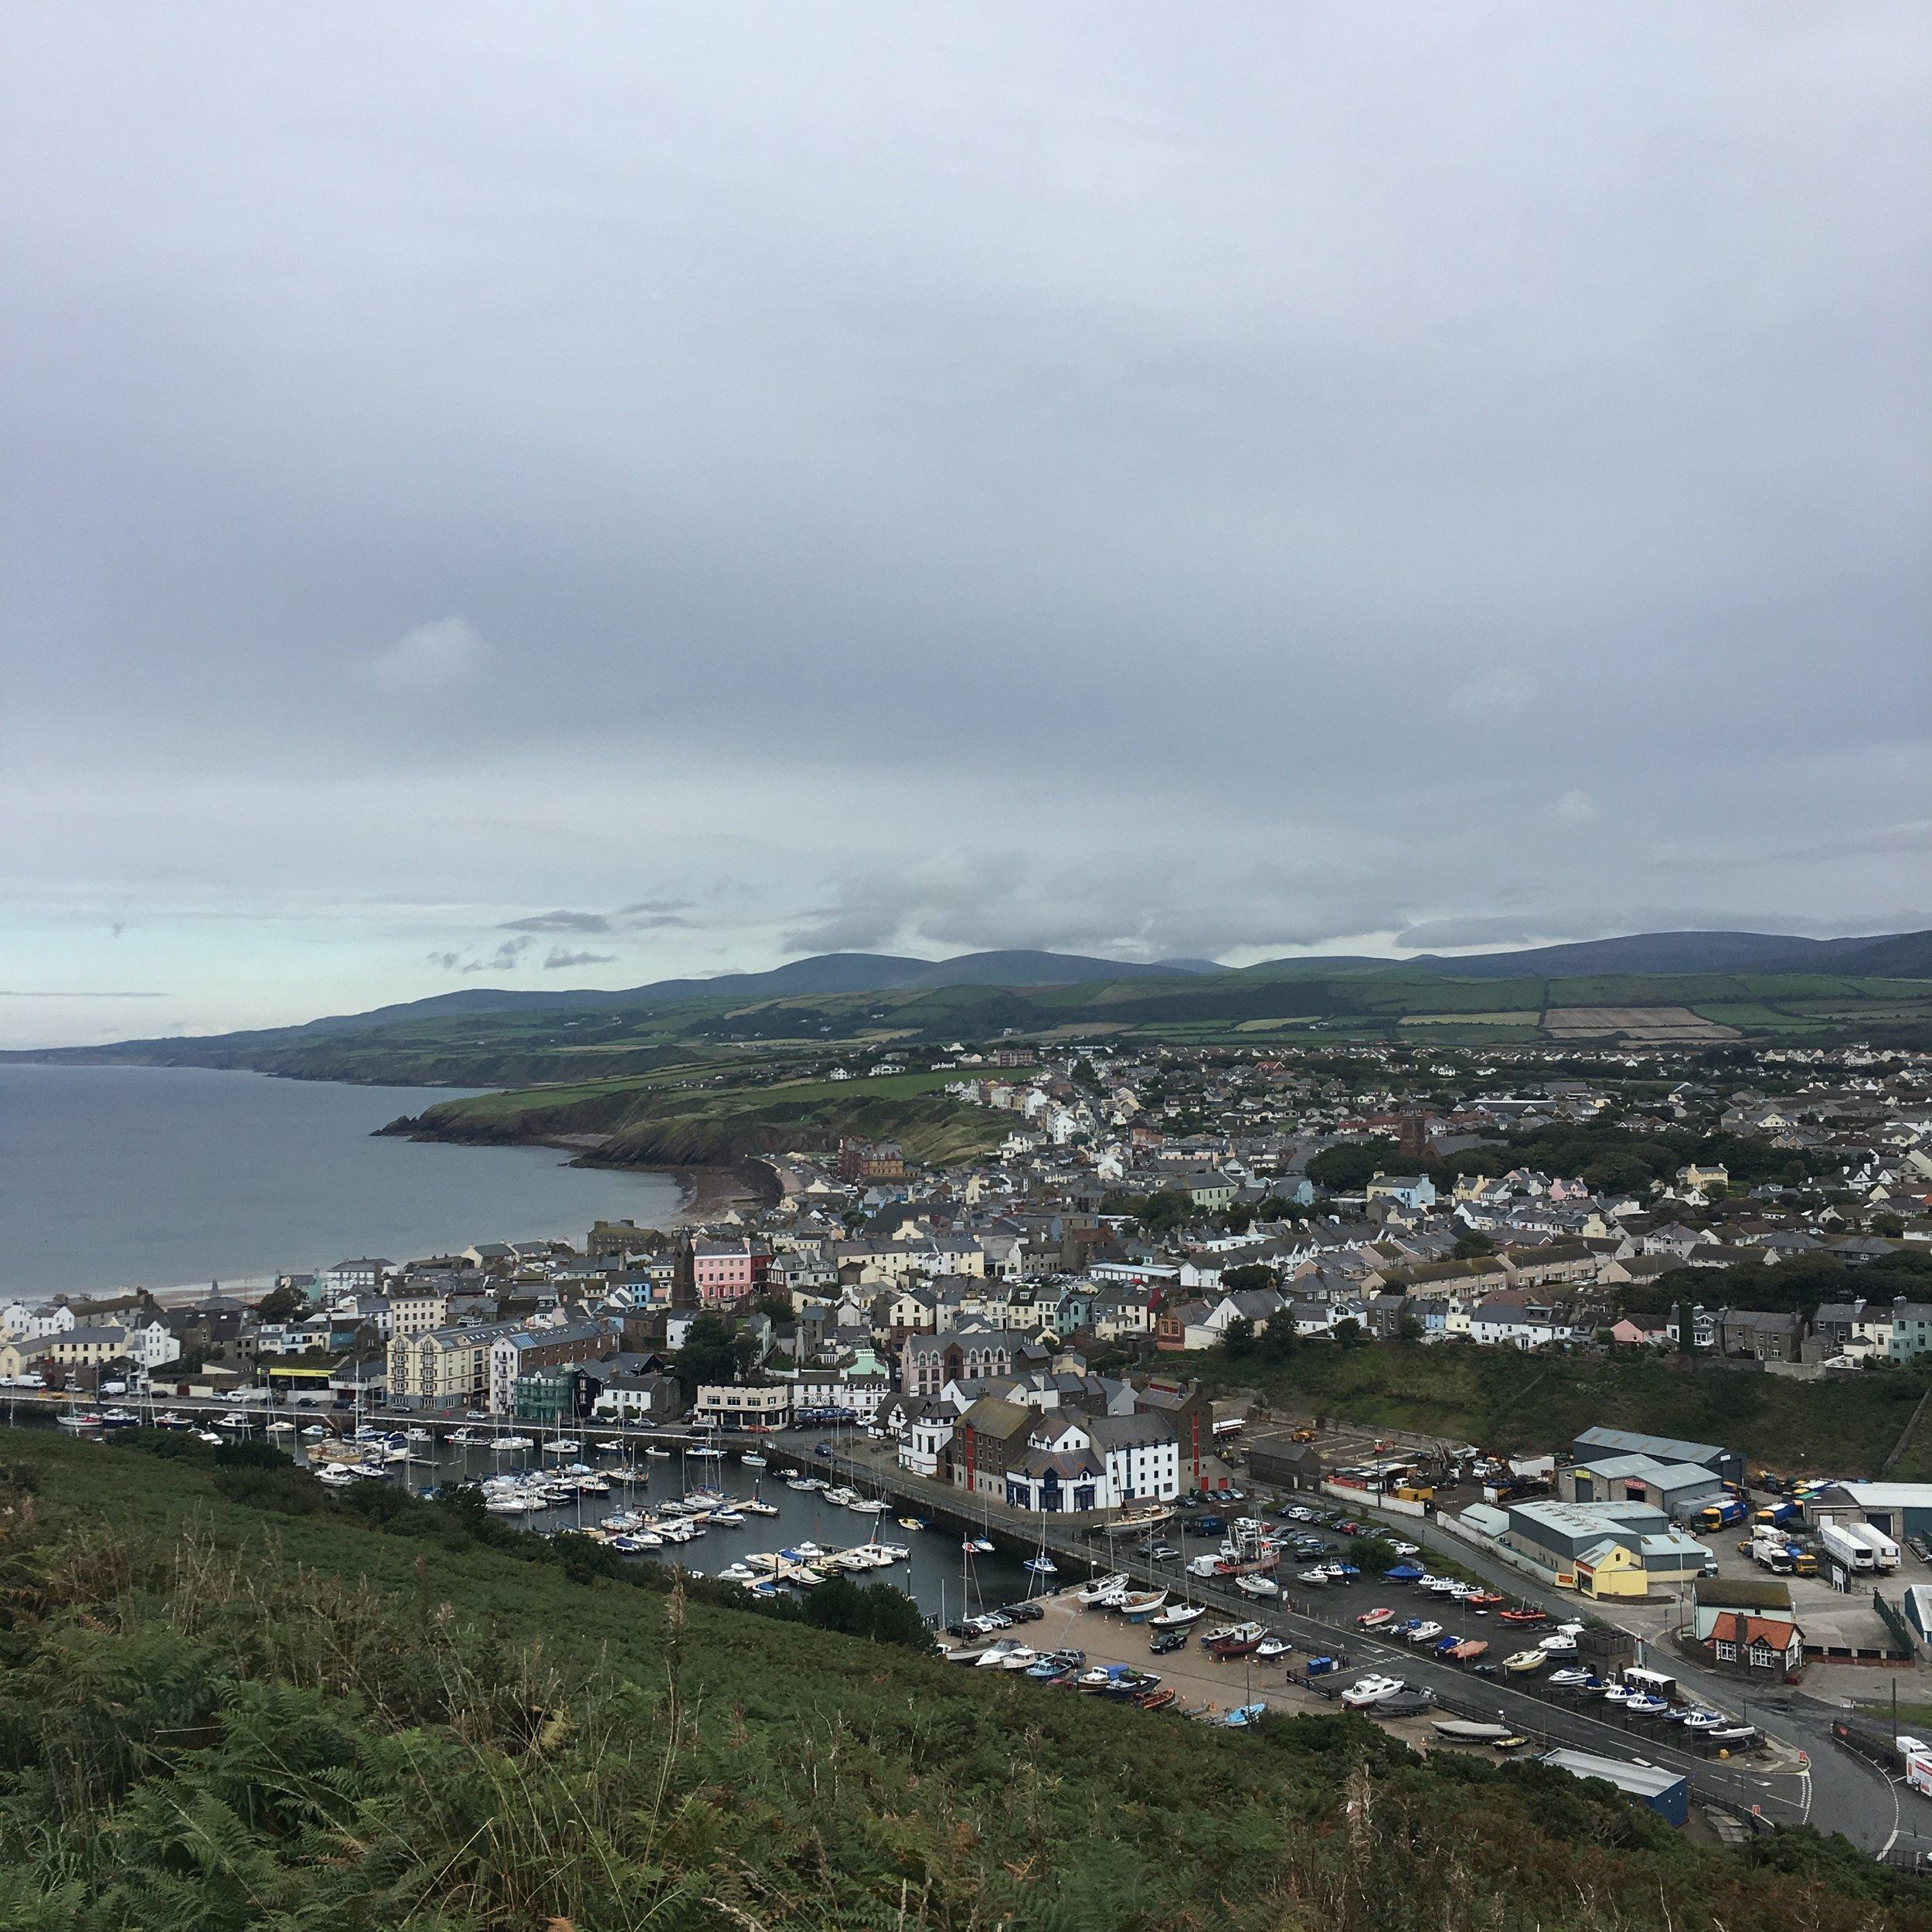 Town of Peel, Isle of Man